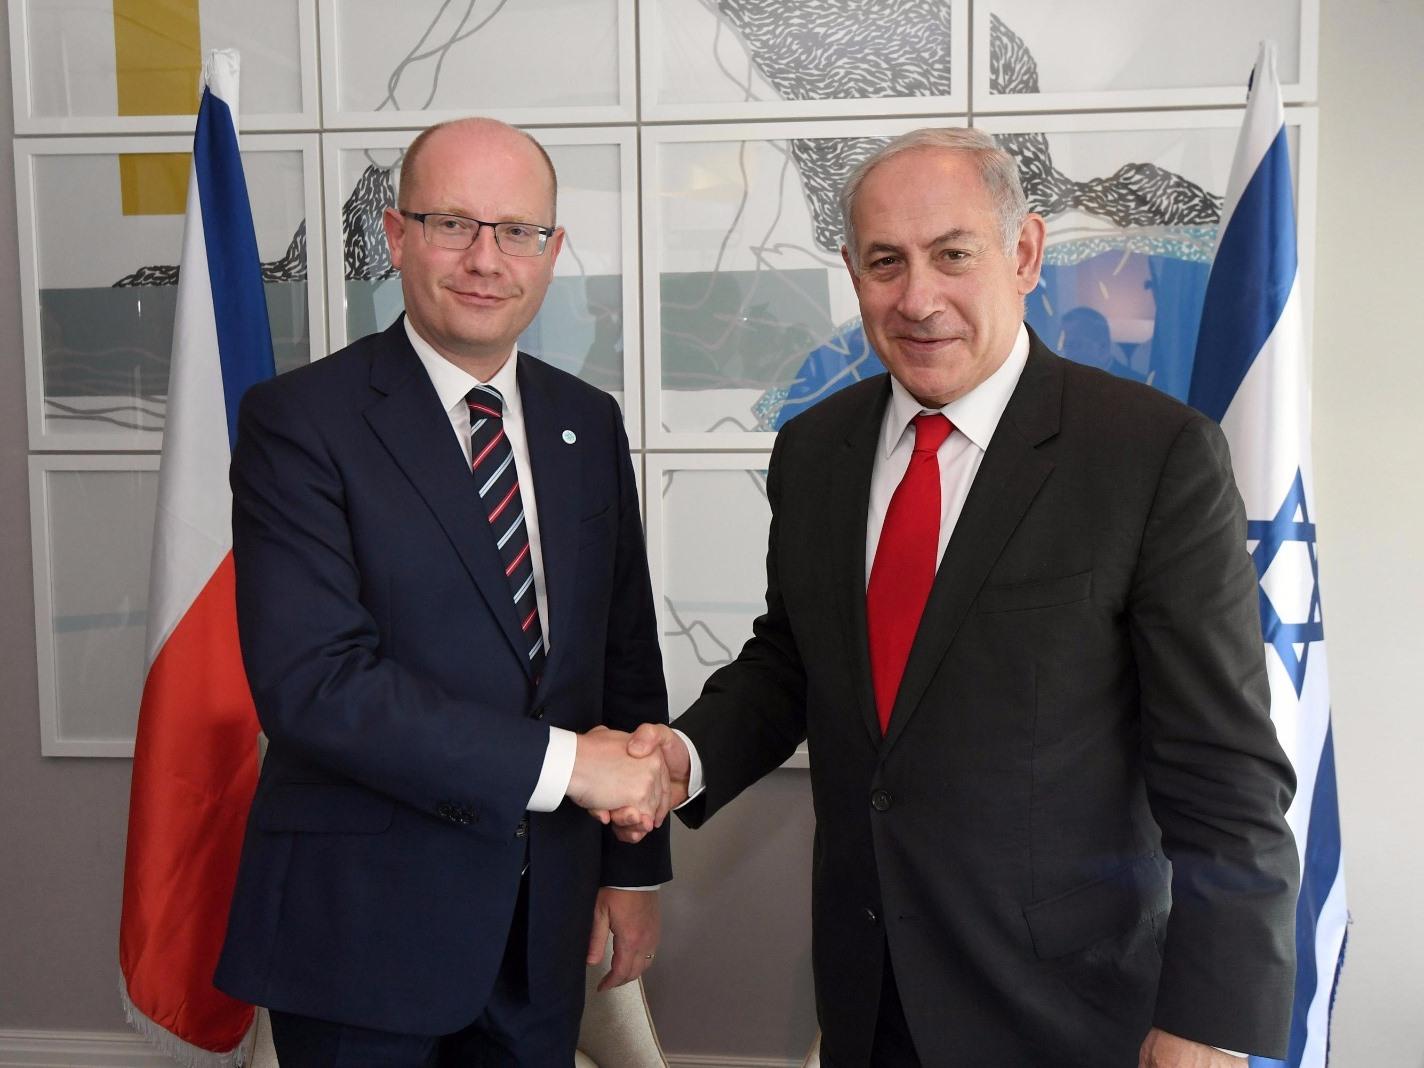 נתניהו וראש ממשלת הונגריה השתתפו בפורום כלכלי מיוחד לחיזוק היחסים בין המדינות